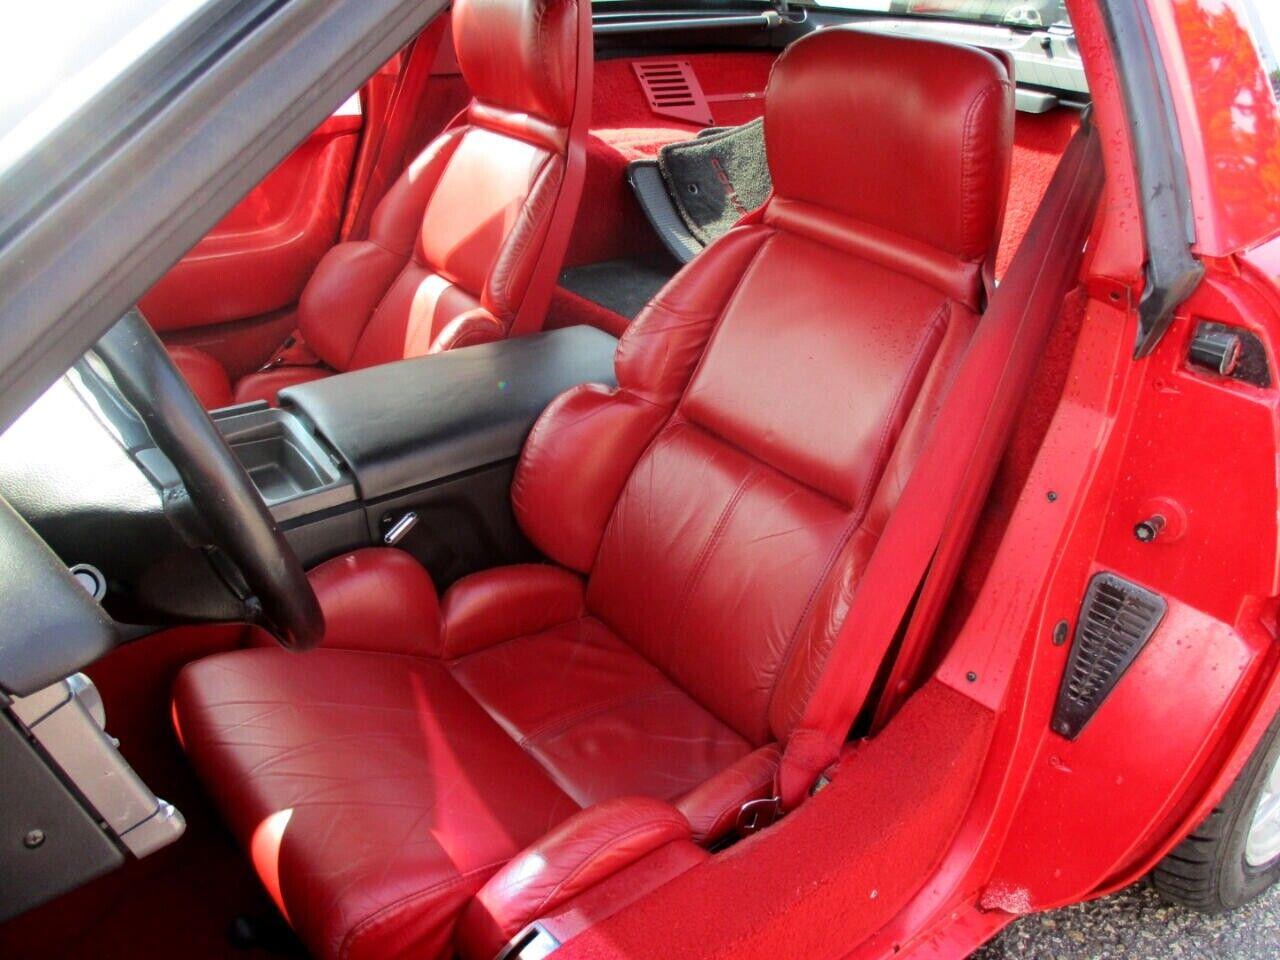 1991 Red Chevrolet Corvette Coupe    C4 Corvette Photo 10